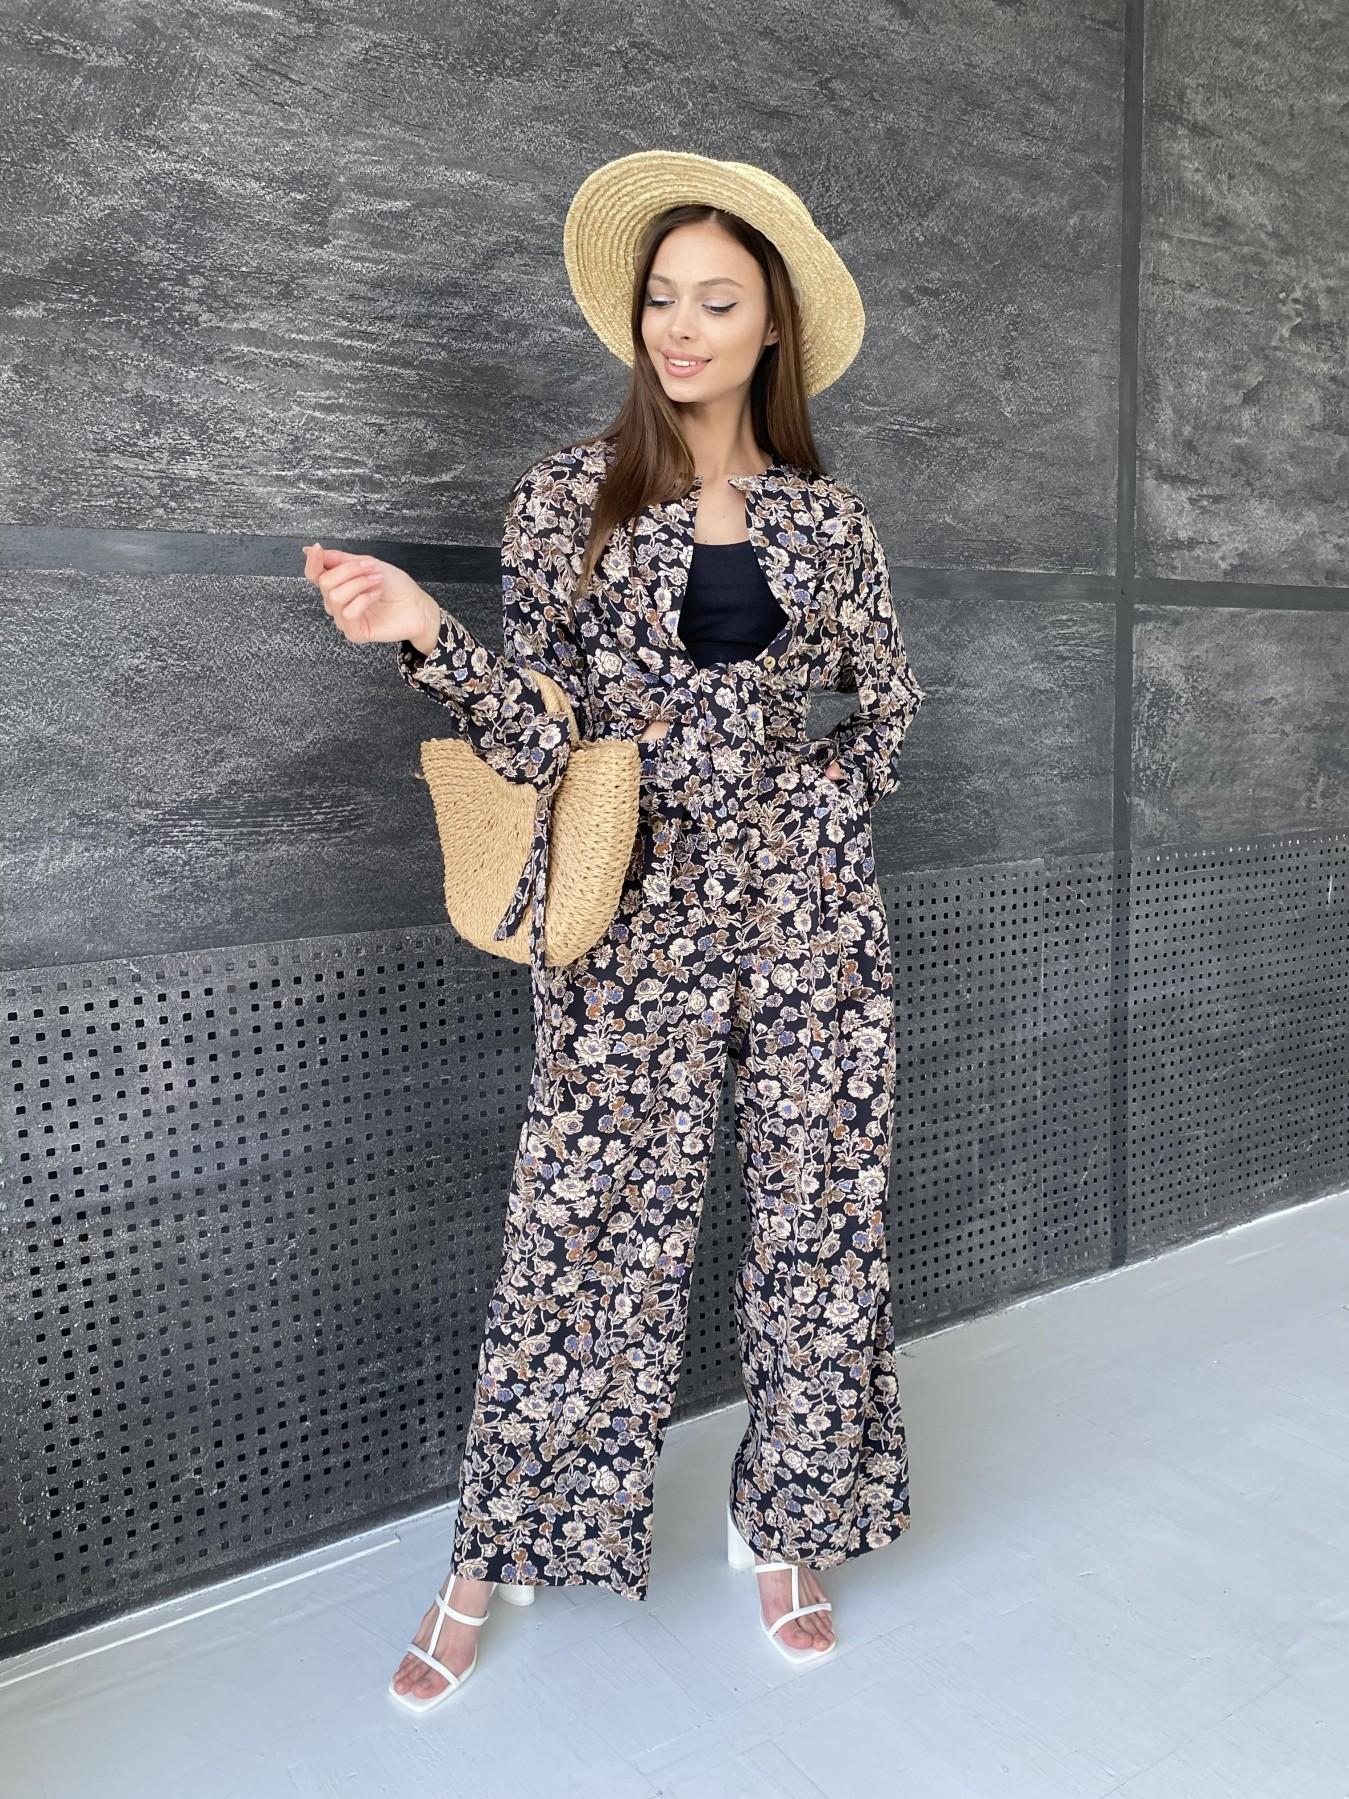 Колибри костюм софт с принтом 11244 АРТ. 47841 Цвет: Черный/т. беж, Цветы - фото 7, интернет магазин tm-modus.ru